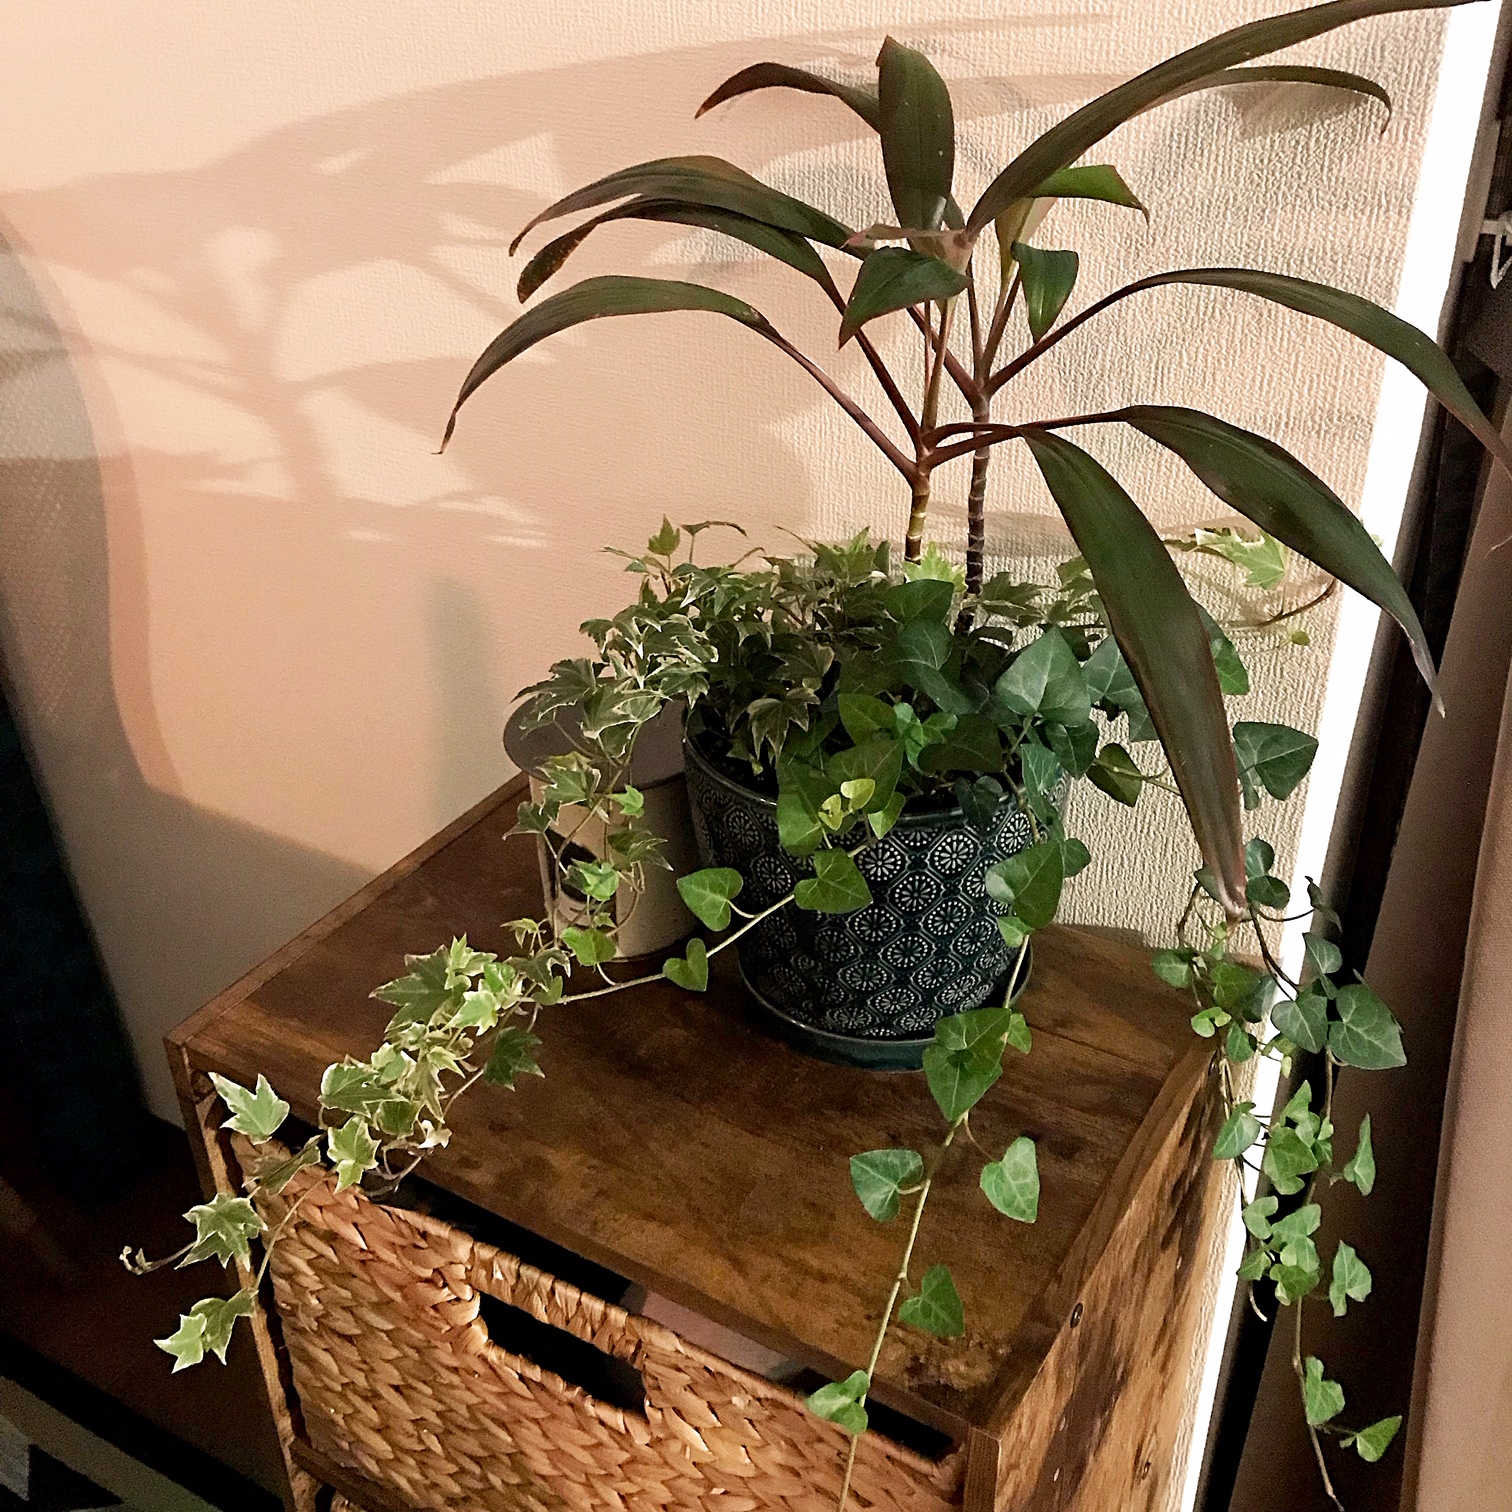 実は観葉植物は寄せ植えが楽しい!